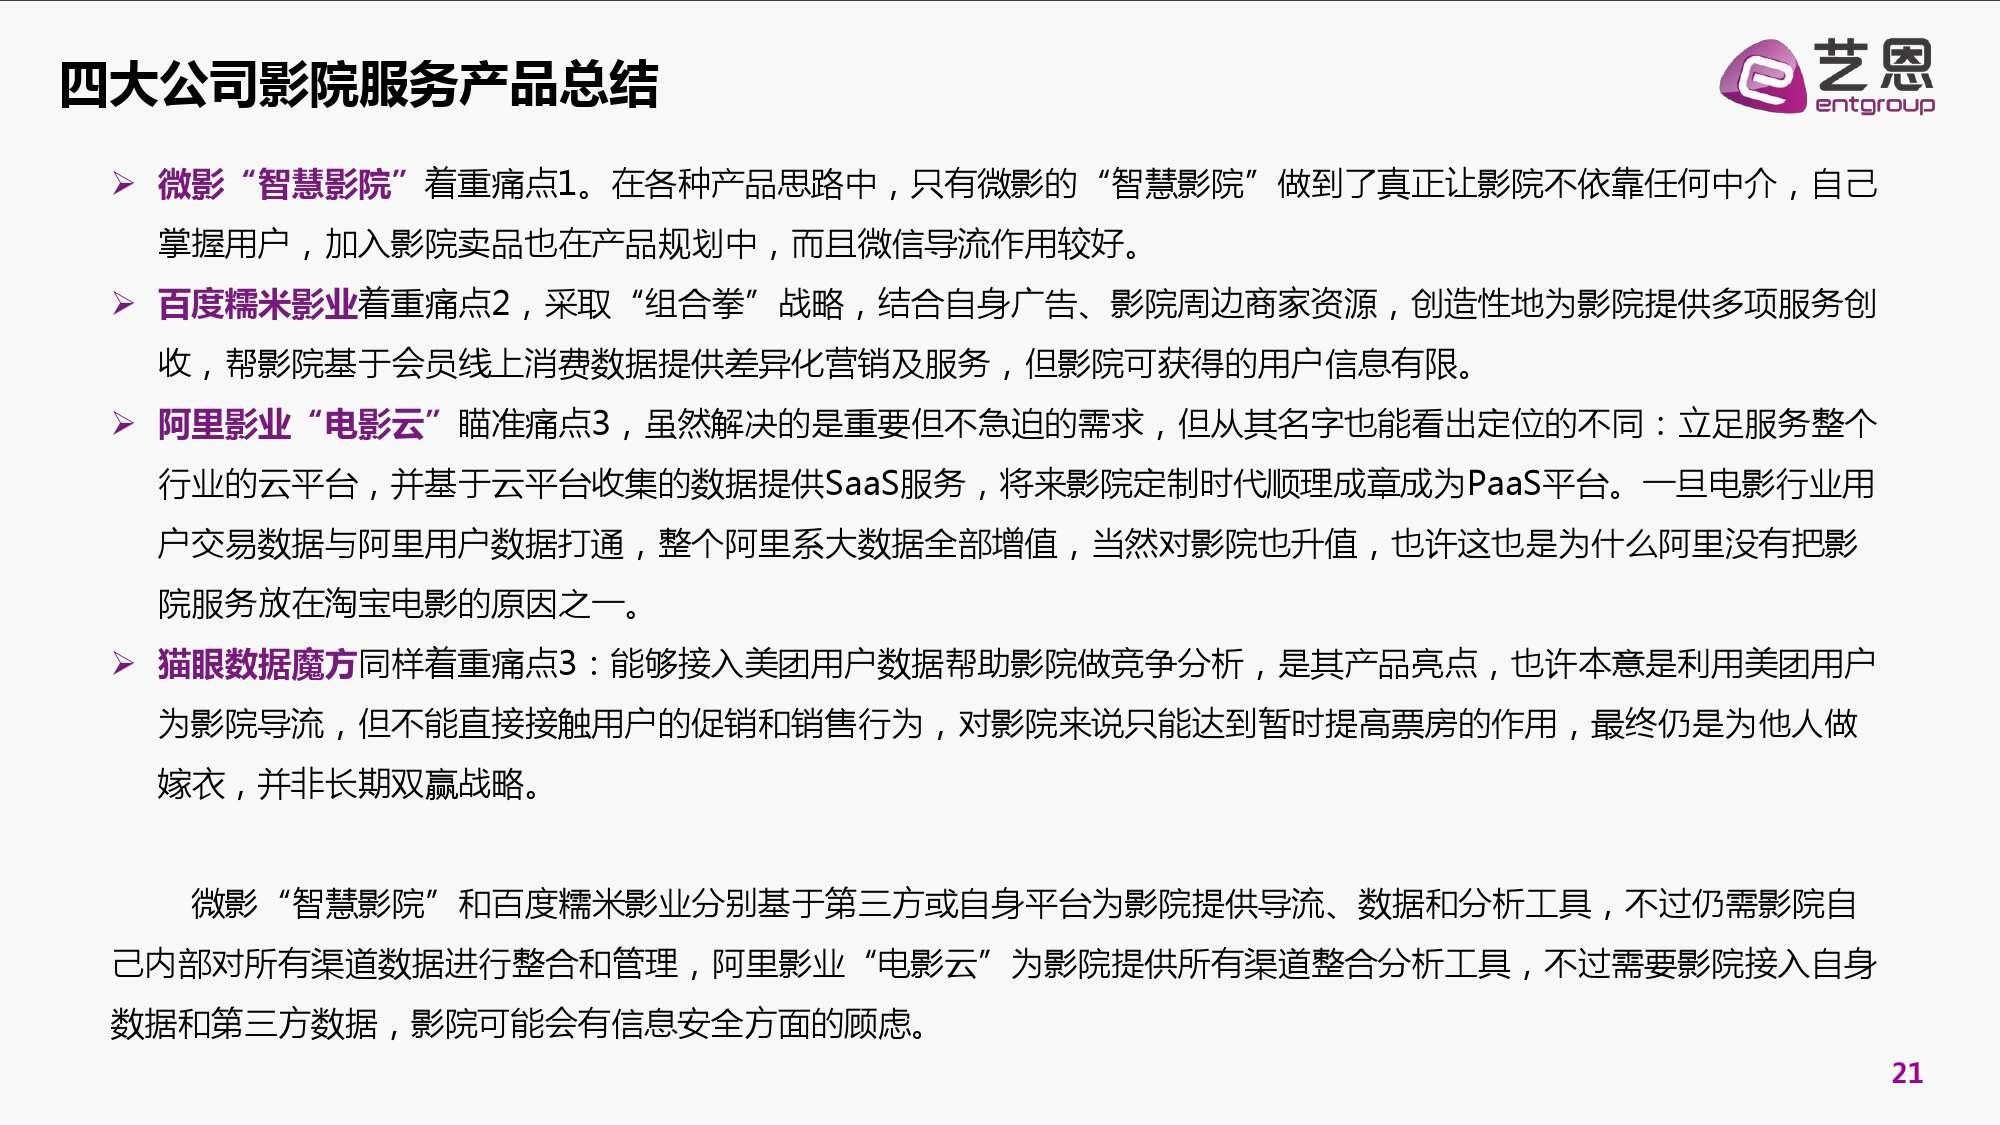 2016年中国电影在线票务市场研究报告_000021